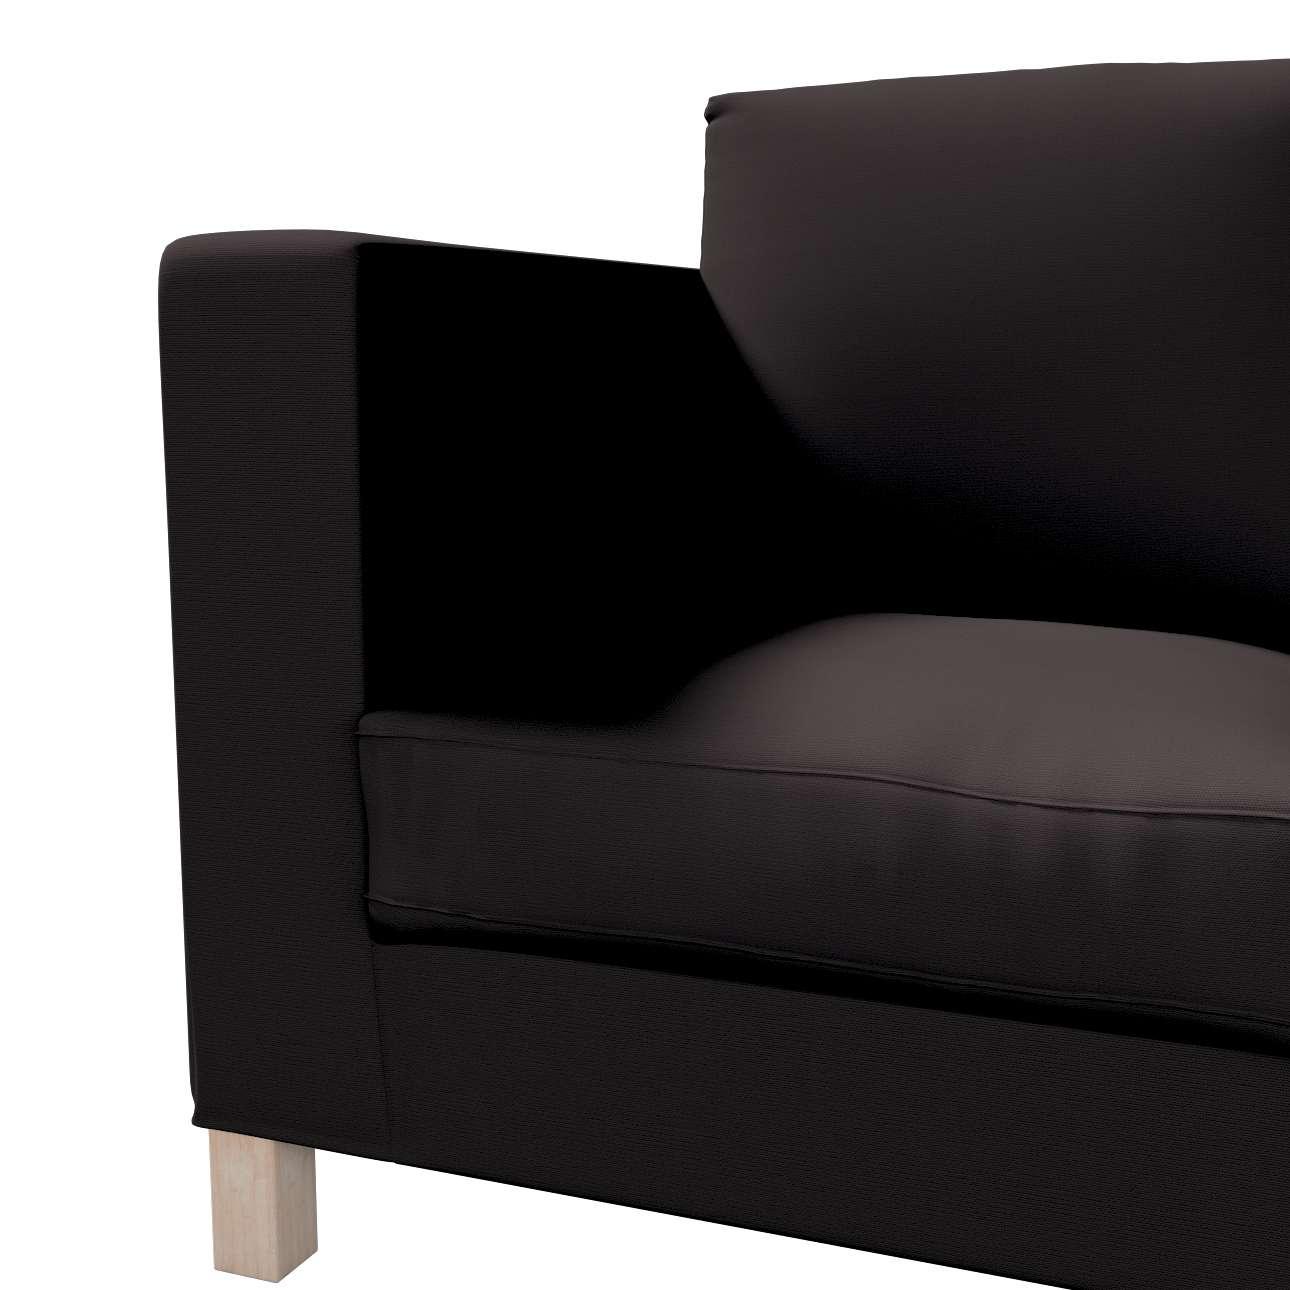 Bezug für Karlanda 3-Sitzer Sofa nicht ausklappbar, kurz von der Kollektion Cotton Panama, Stoff: 702-09